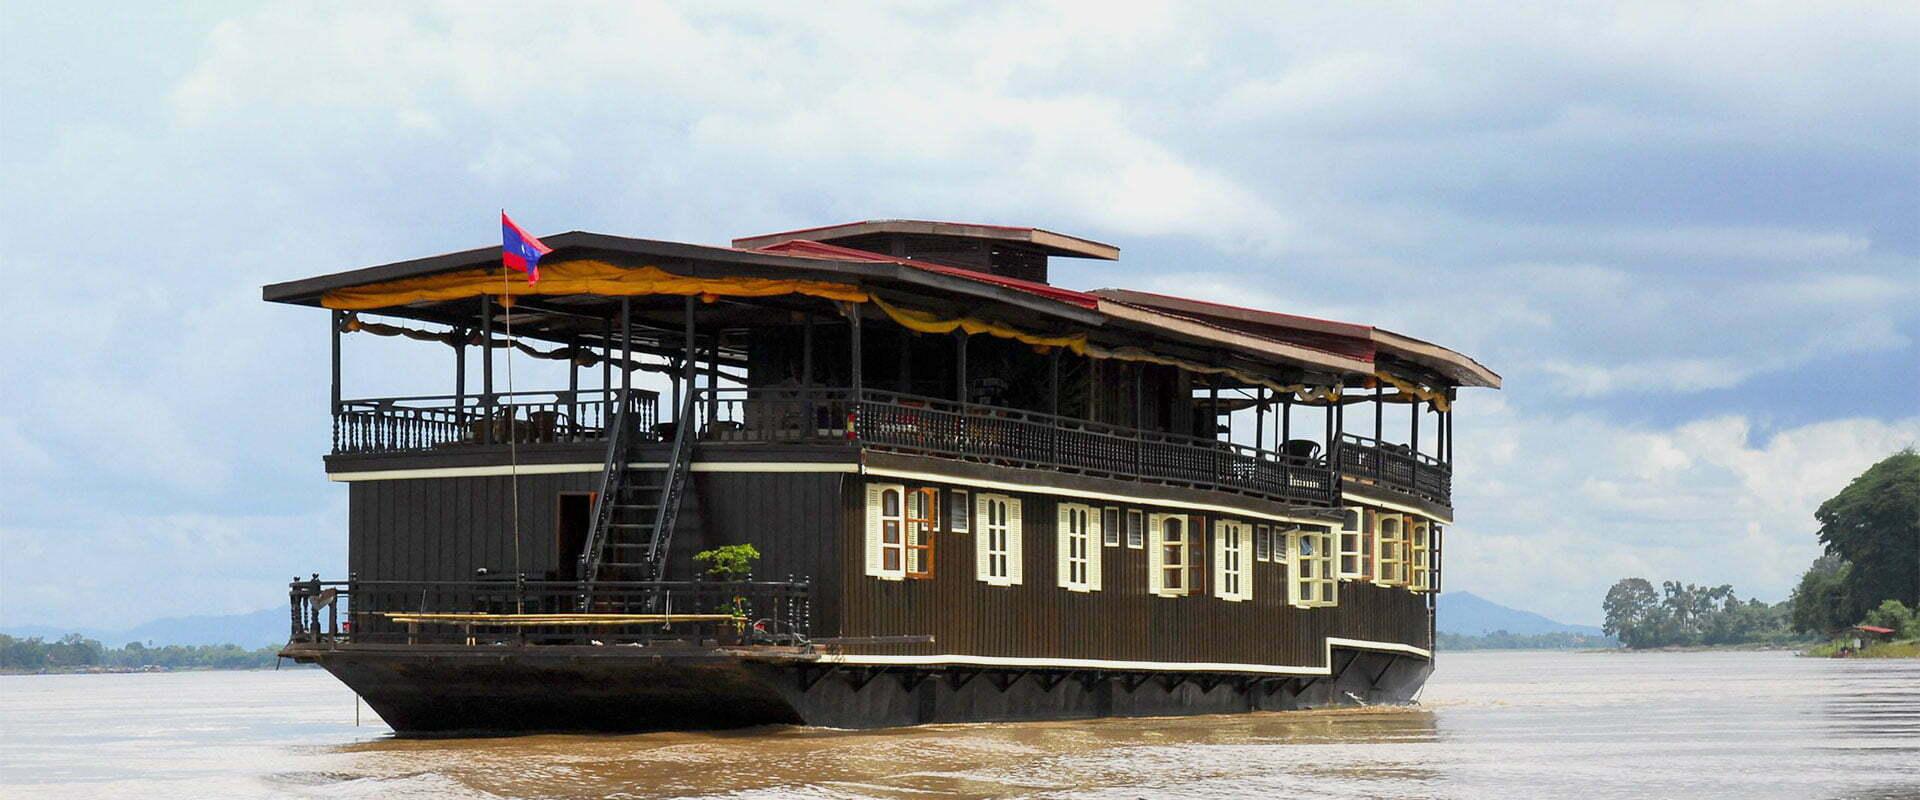 Jonque Wat Phou voguant sur un fleuve